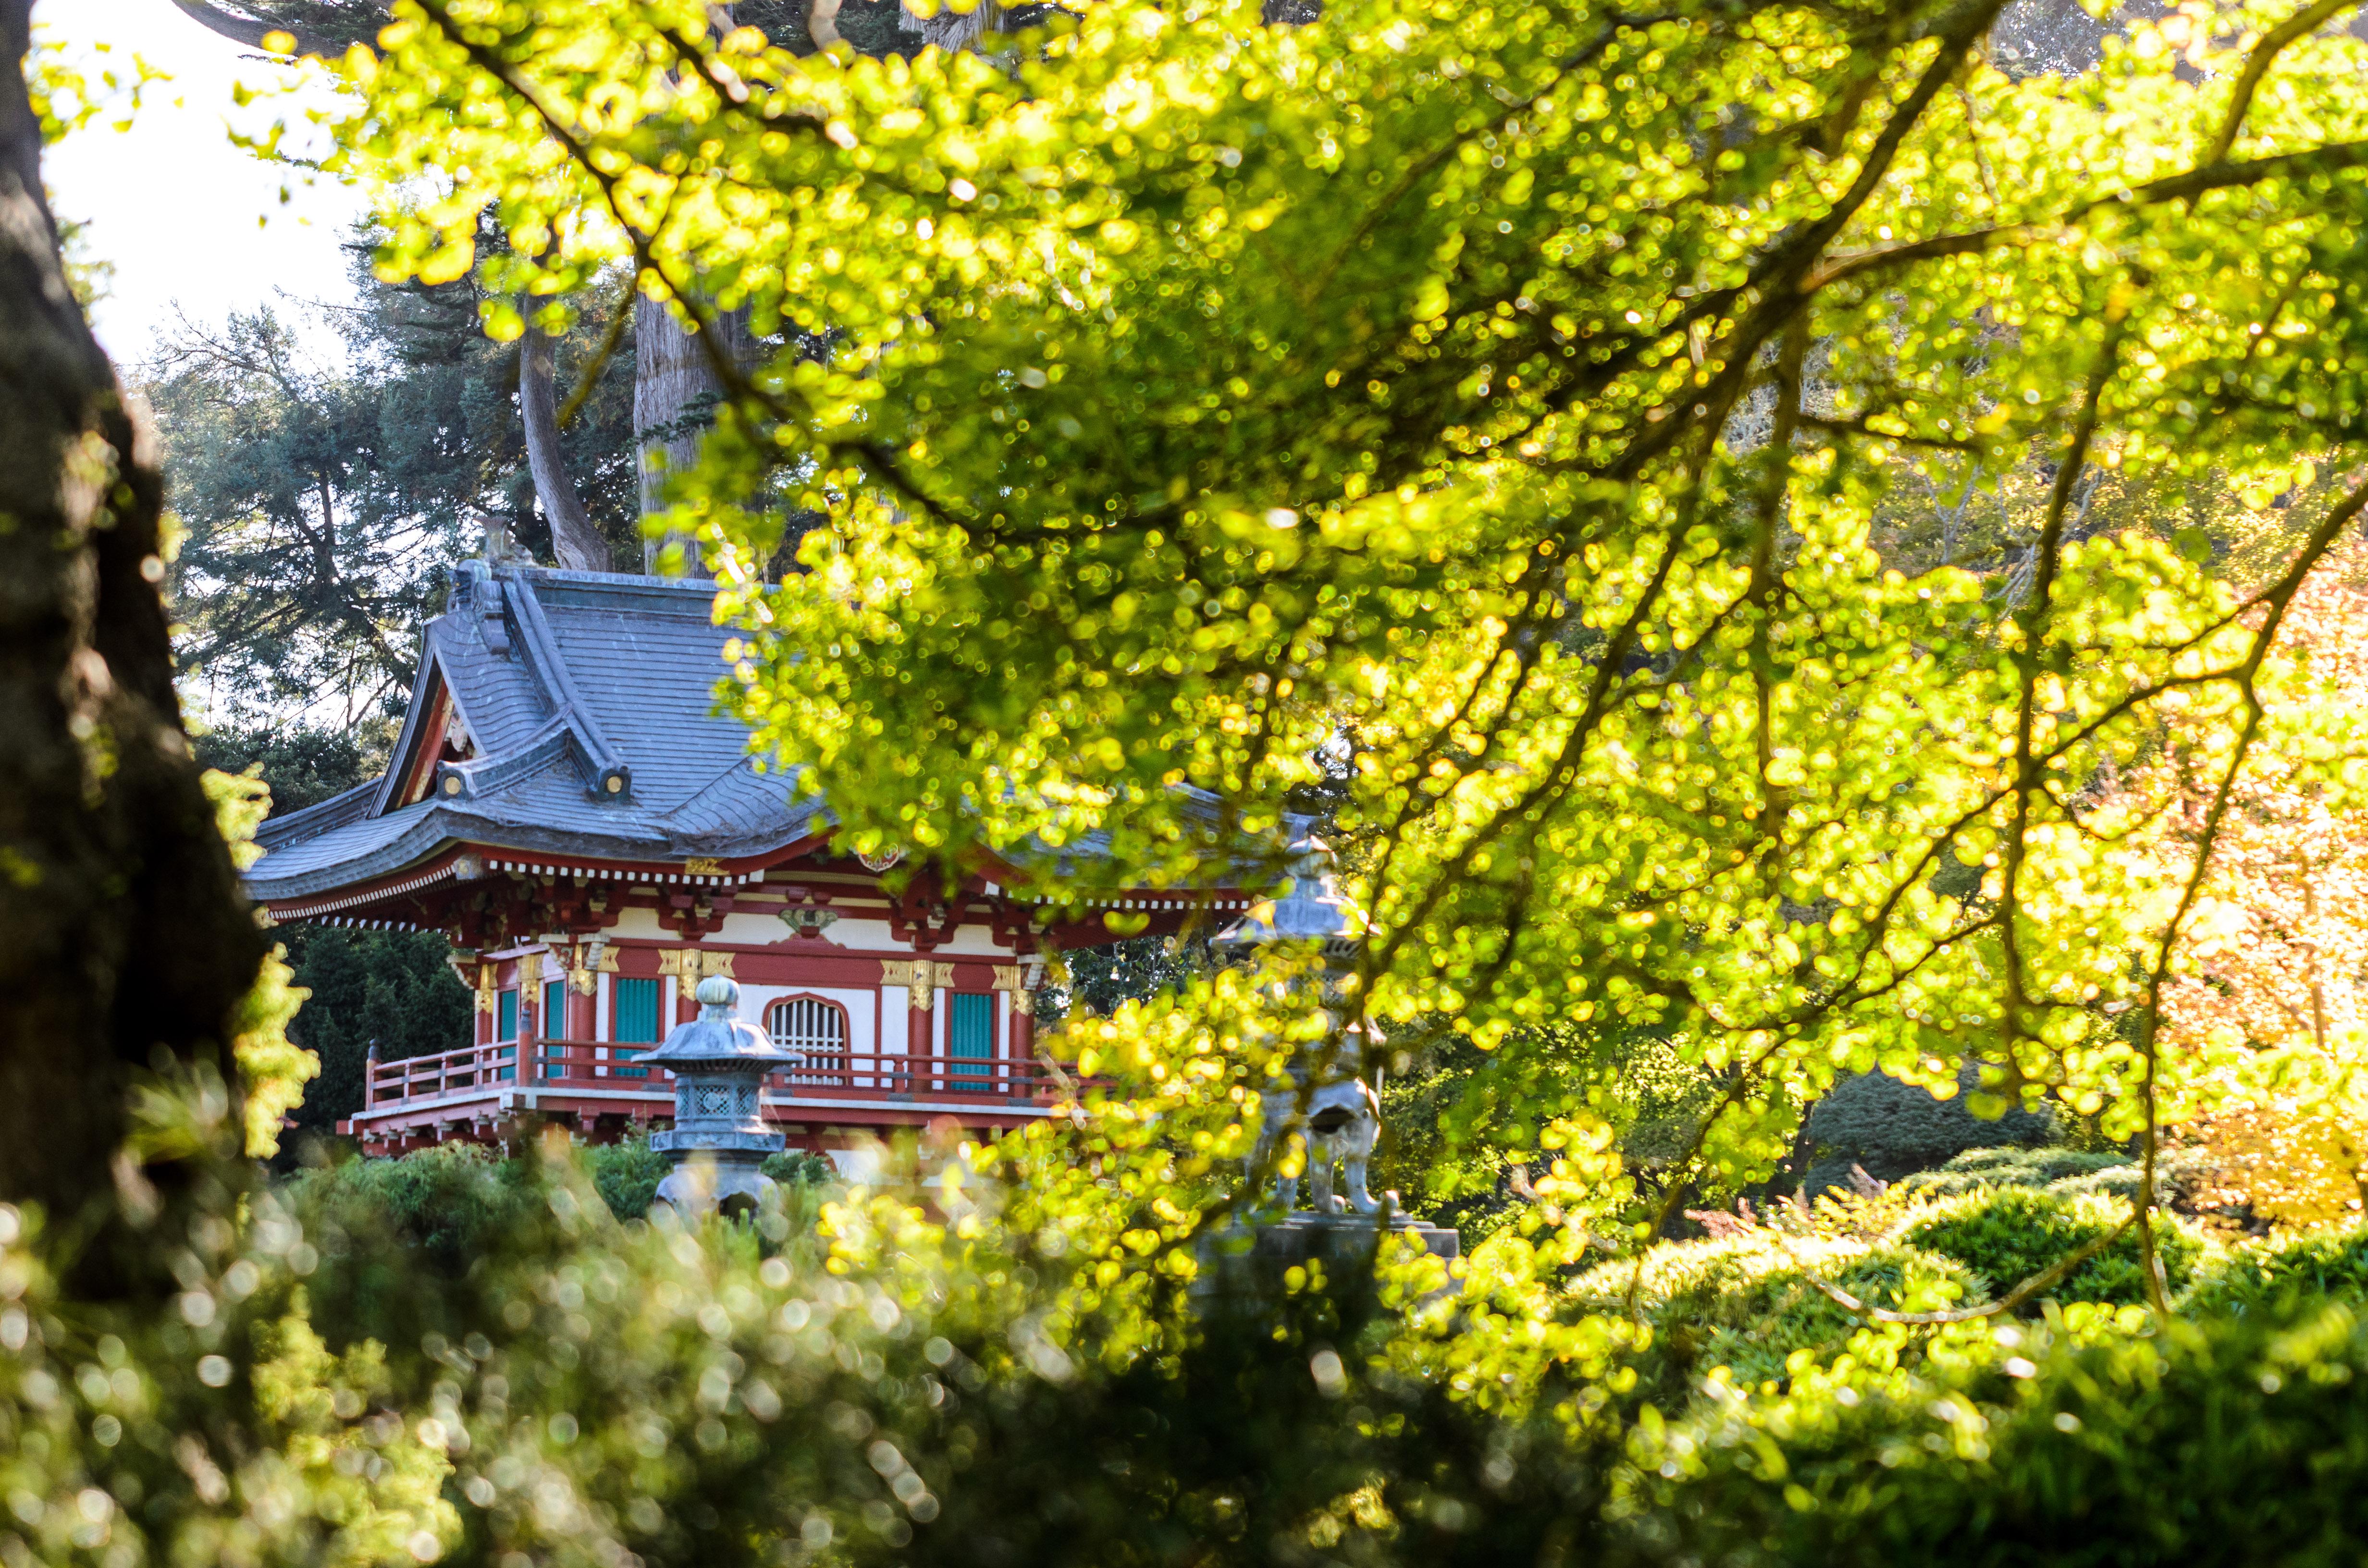 Hintergrundbilder park licht usa geb ude baum sch n bl tter japan zusammensetzung - Garten asiatisch ...